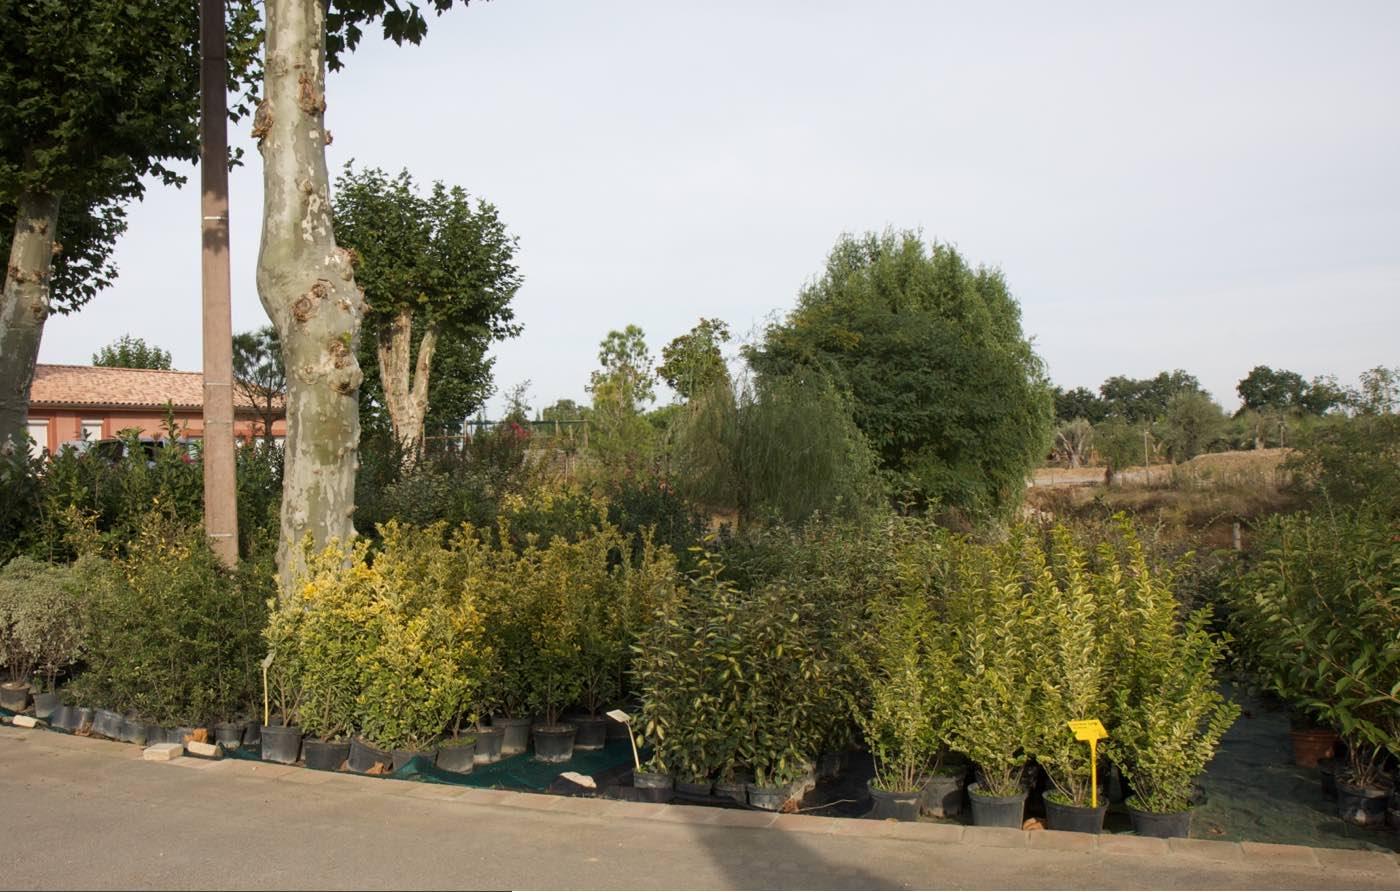 Grand choix d'arbustes de haie - Pépinière de l'Aiguillon jardinerie à Toulouse